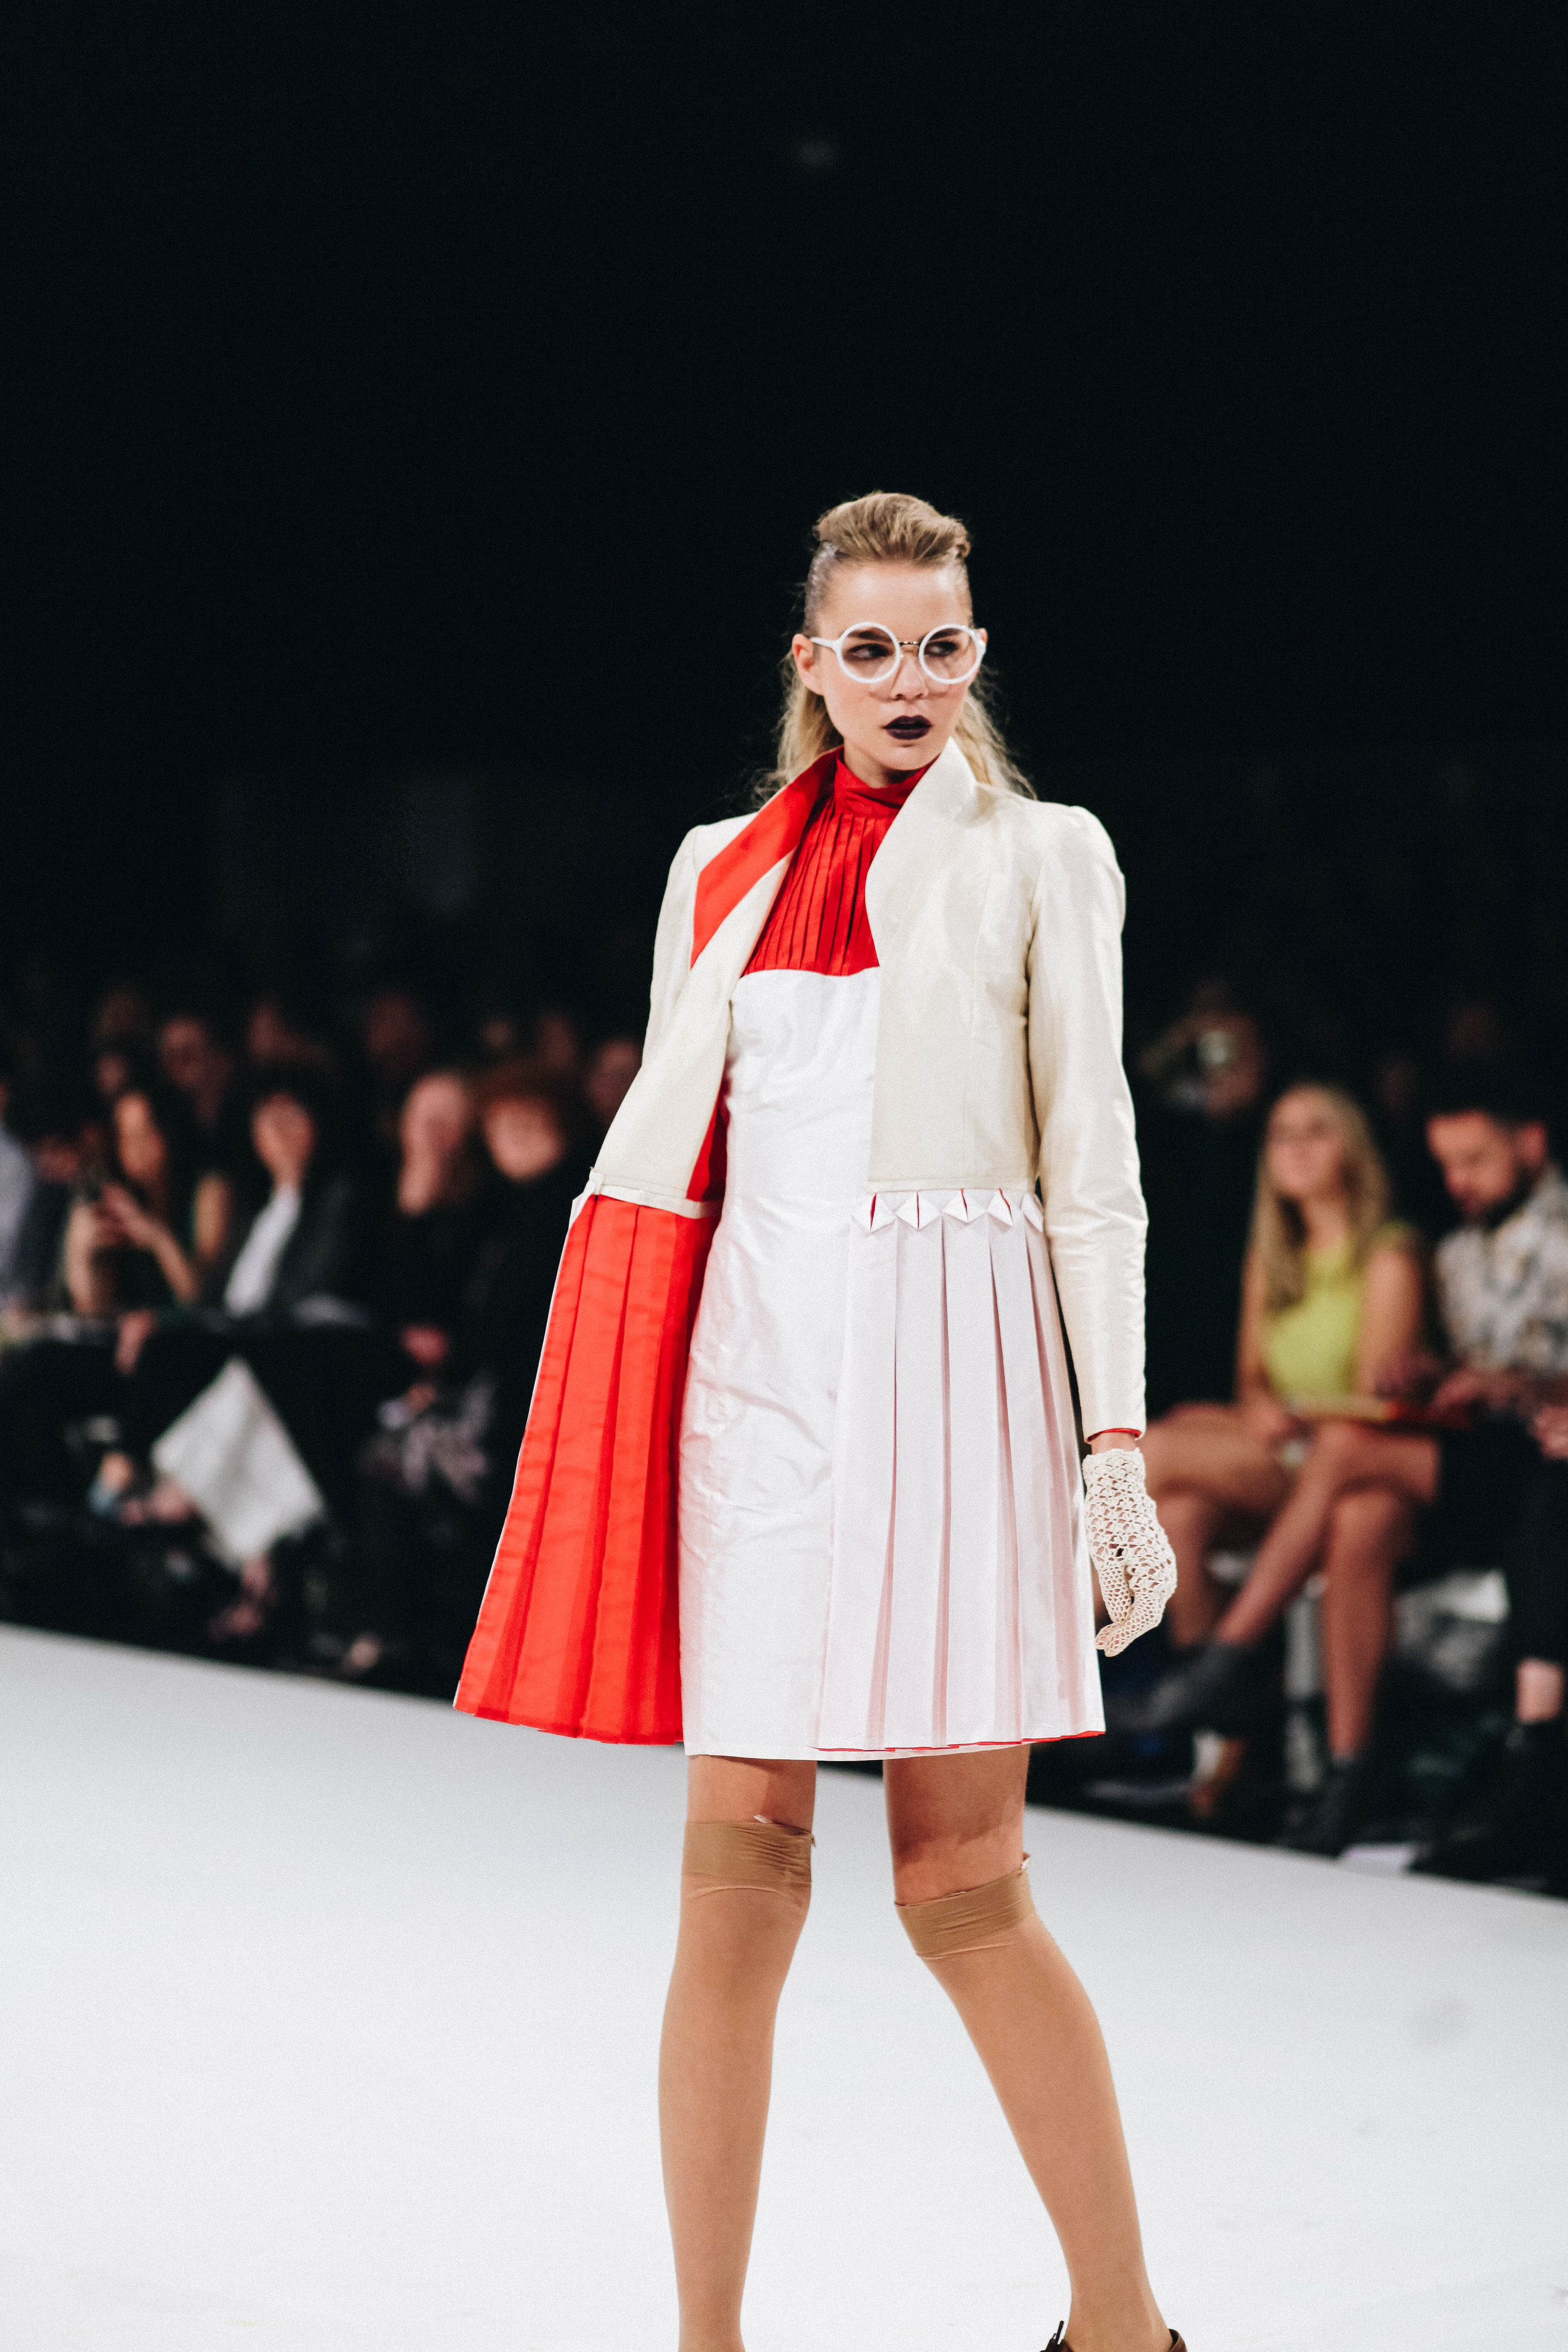 fashion-30.jpg